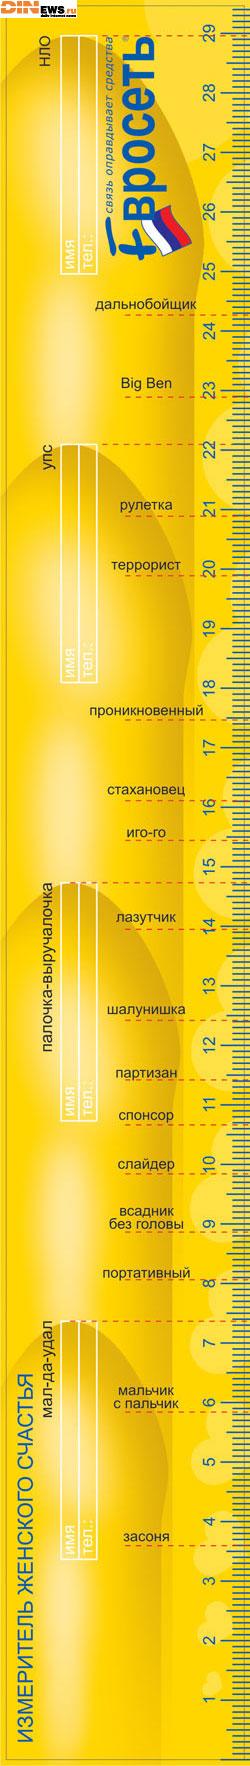 Евросеть снова жжет! Линейка для женщин! Измеритель женского счастья! :)